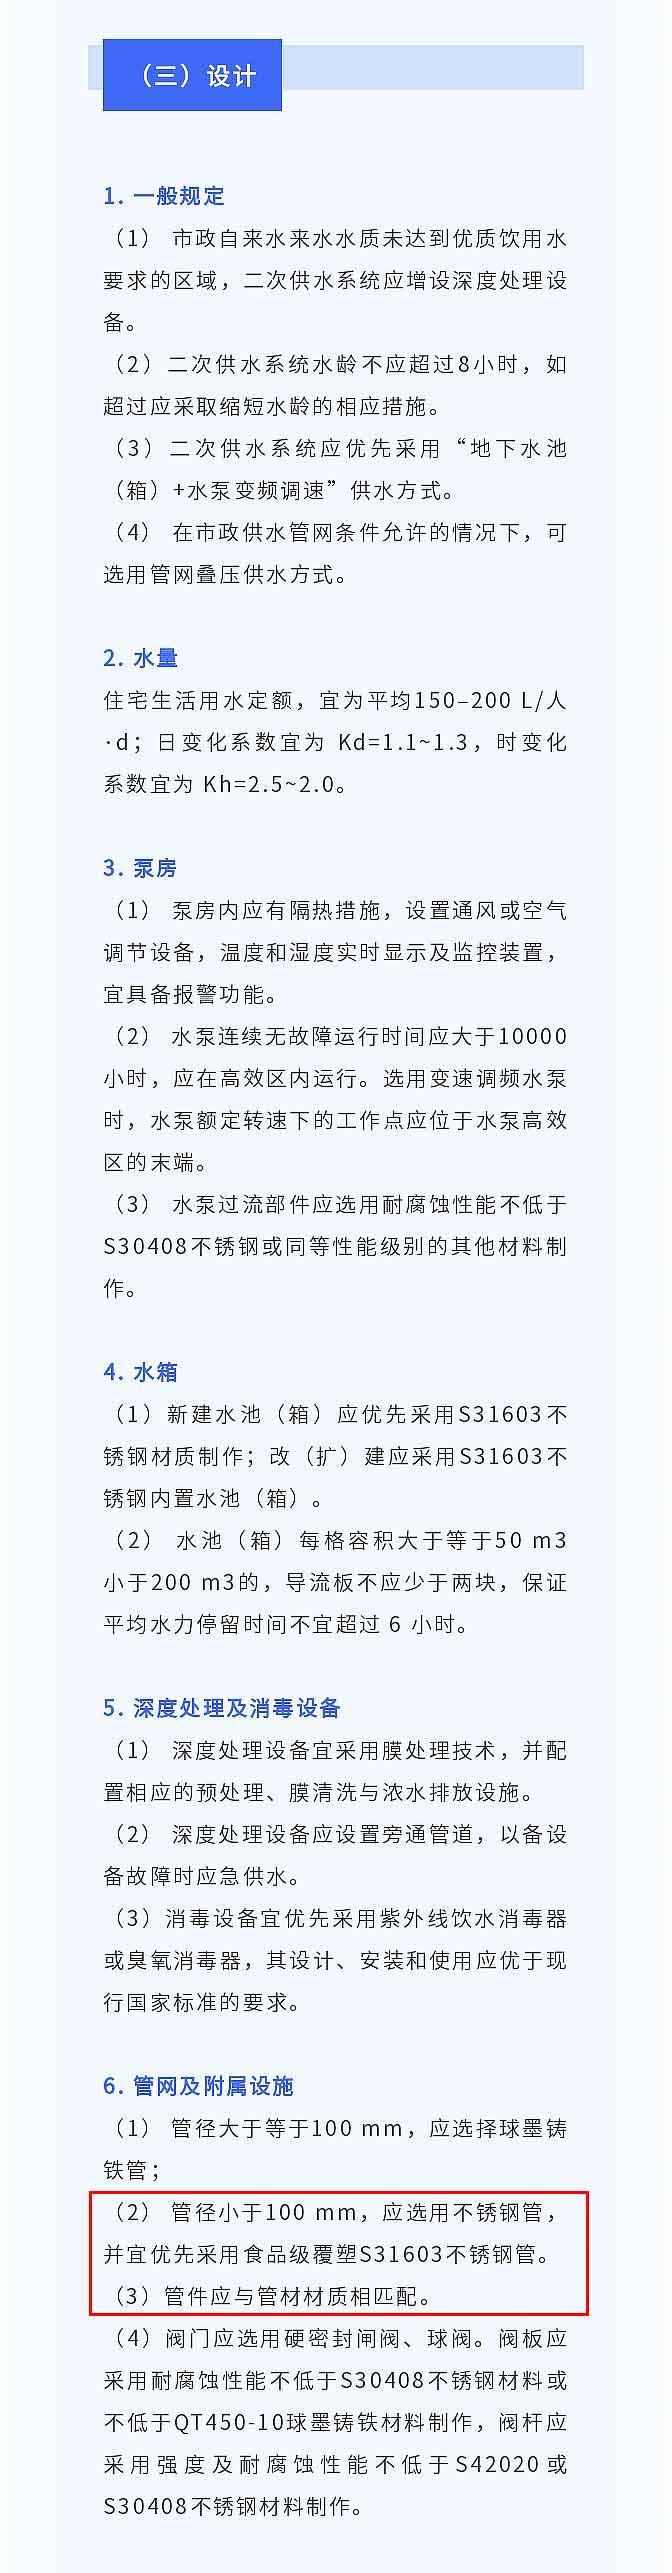 广州市水务局关于印发广州市生活饮用水品质提升技术指引要点(试行)的通知政策解读_03